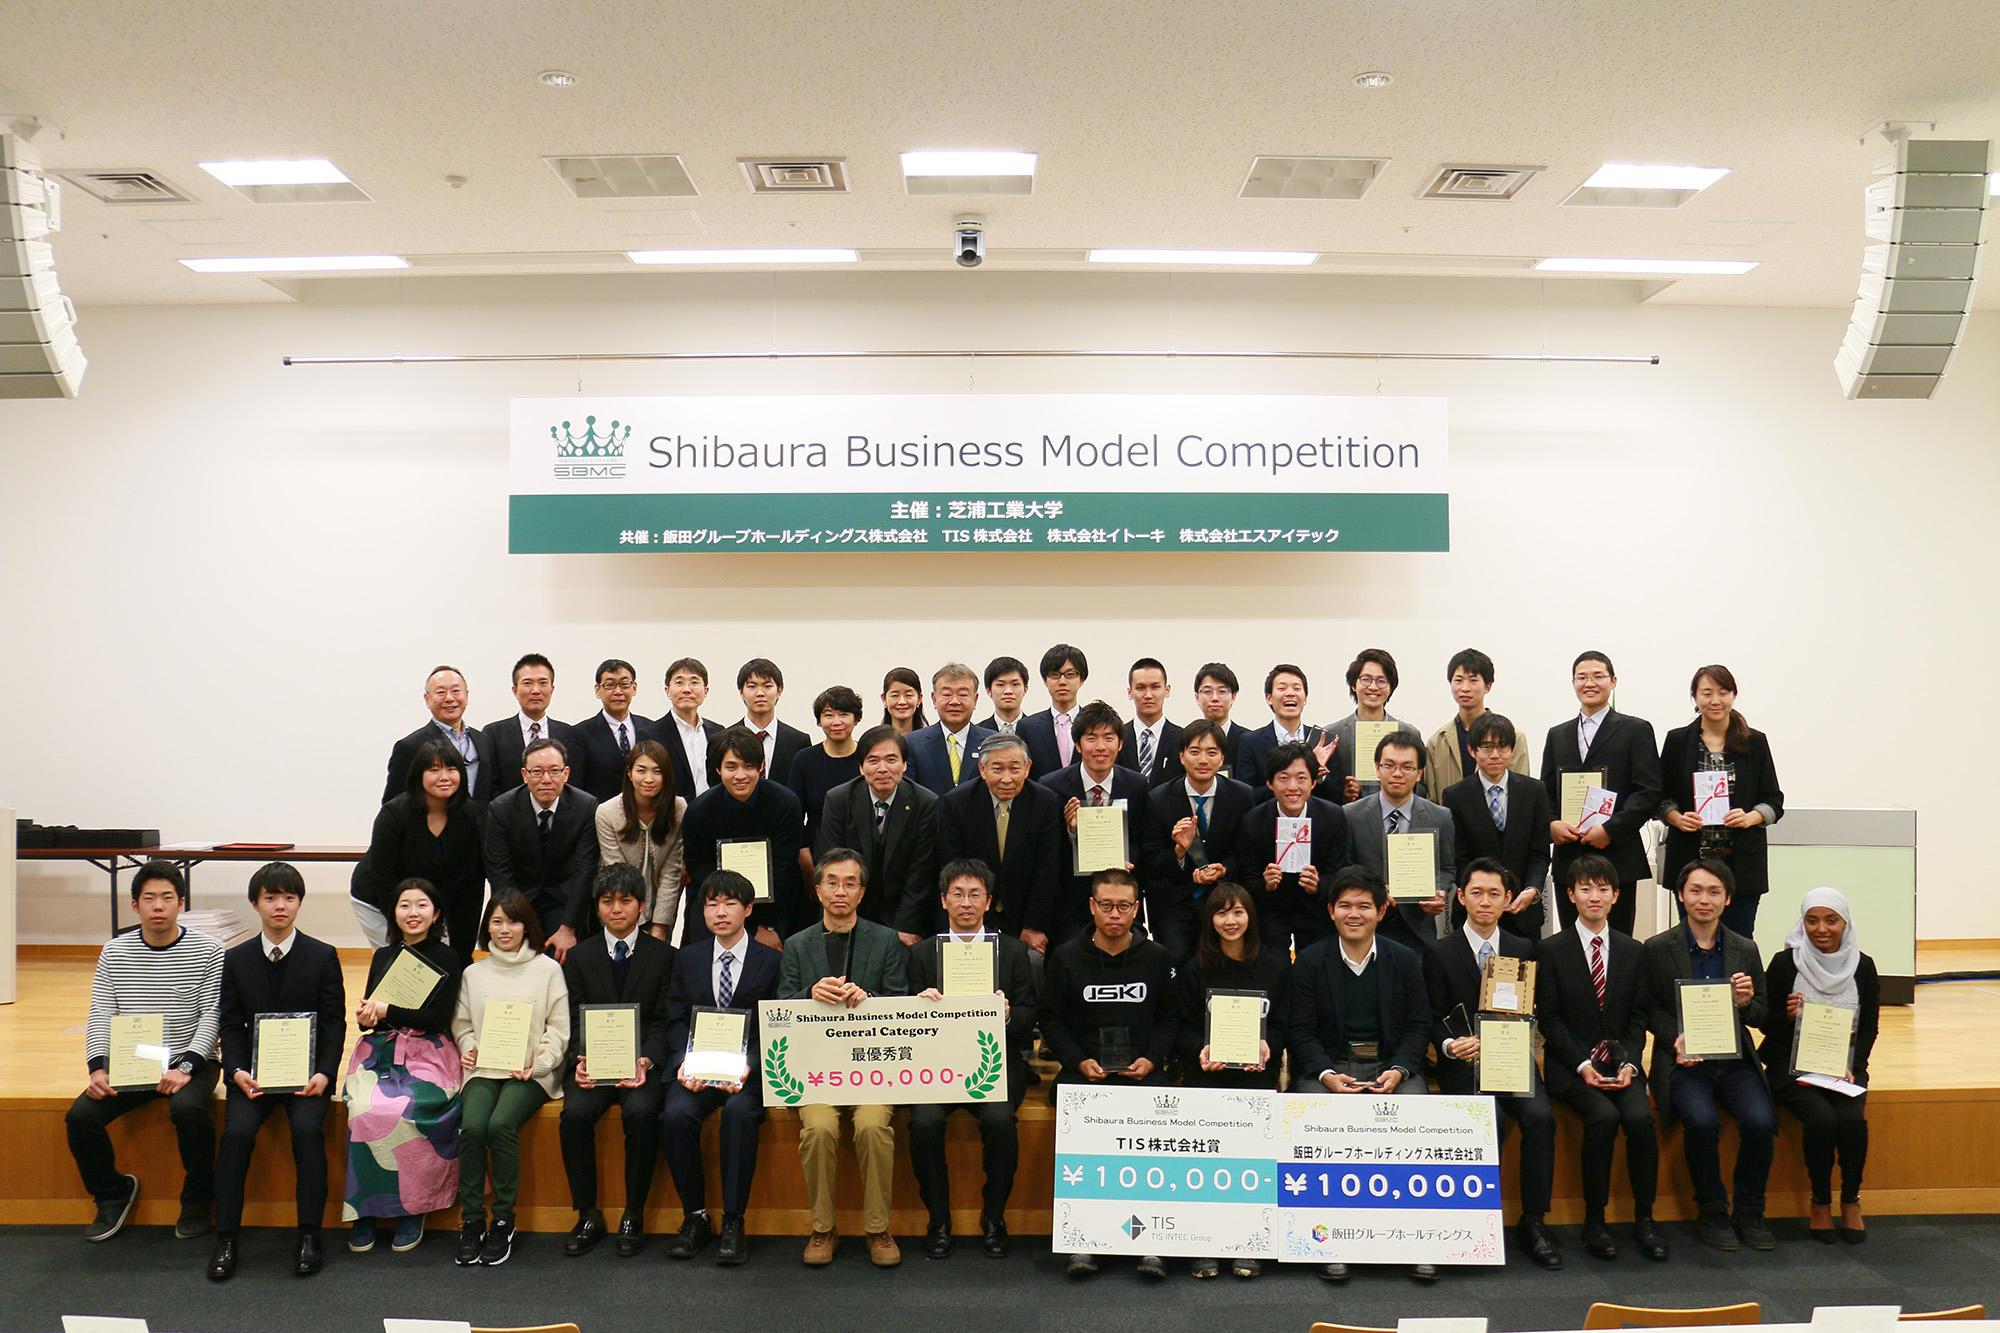 第3回「Shibaura Business Model Competition」最終審査発表会を開催します~賞金50万円、東京2020を題材に次世代ビジネスを提案~芝浦工業大学